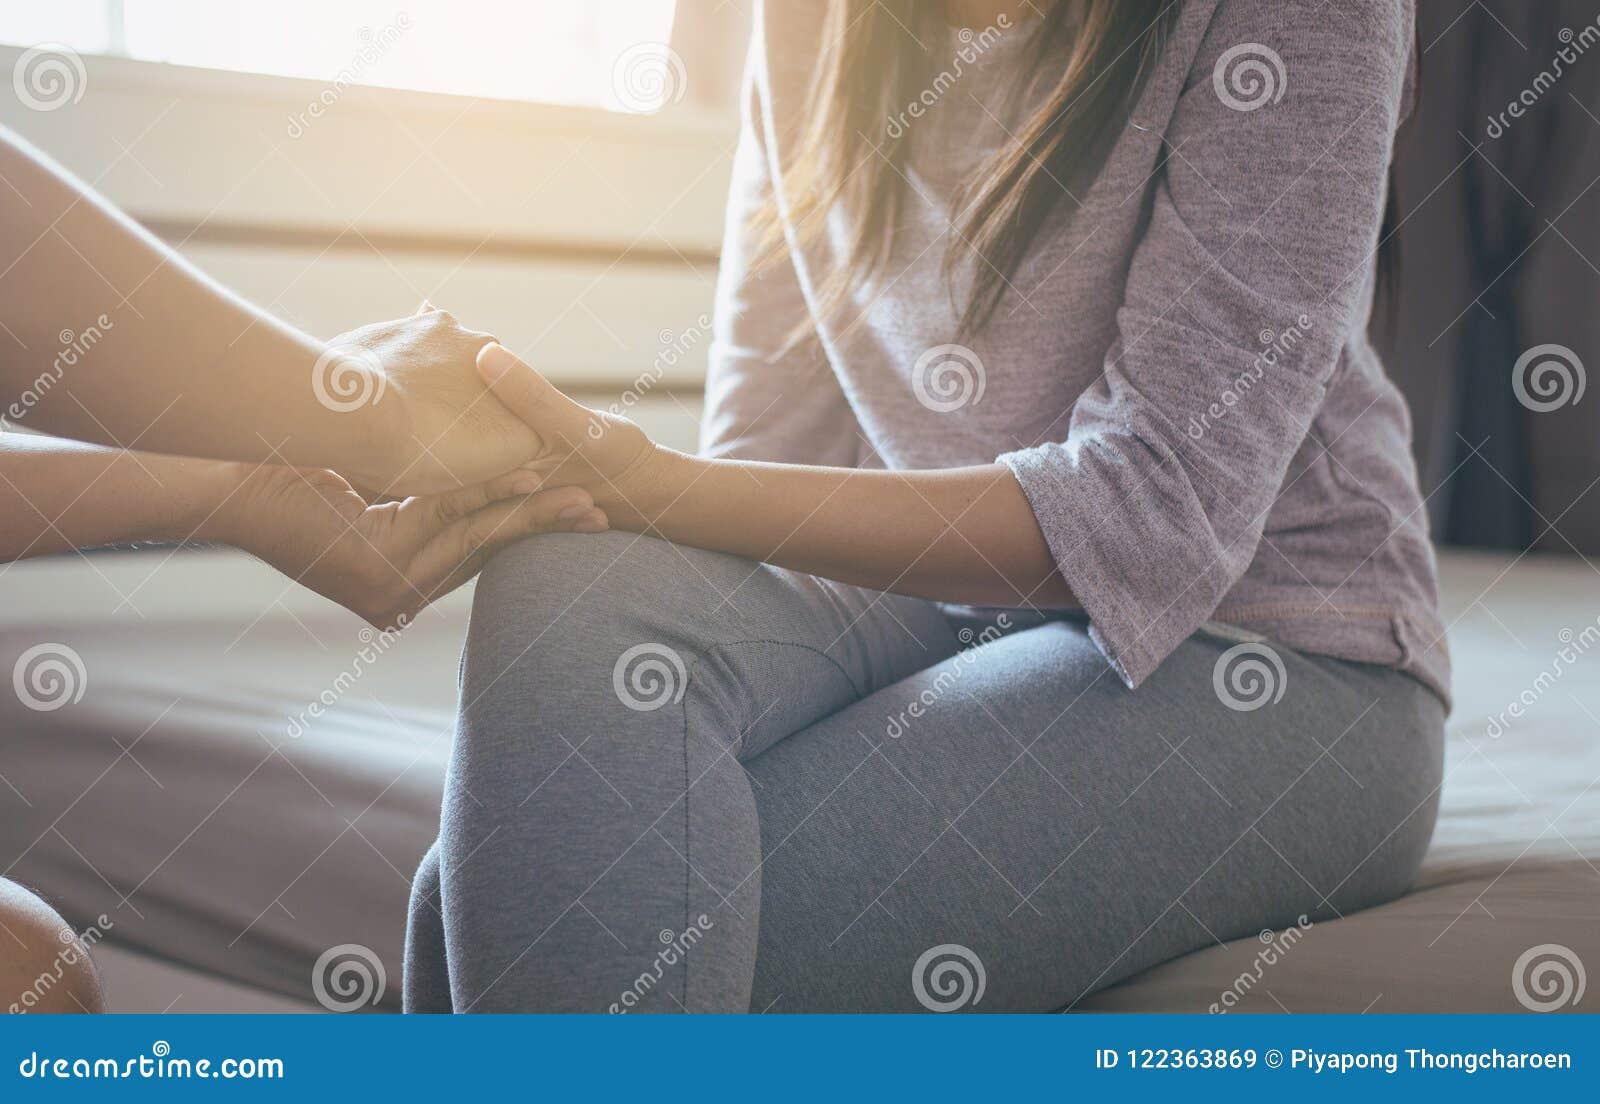 Equipe a doação da mão a paciente deprimido da mulher, desenvolvimento pessoal que inclui as sessões e a terapia da fala de trein